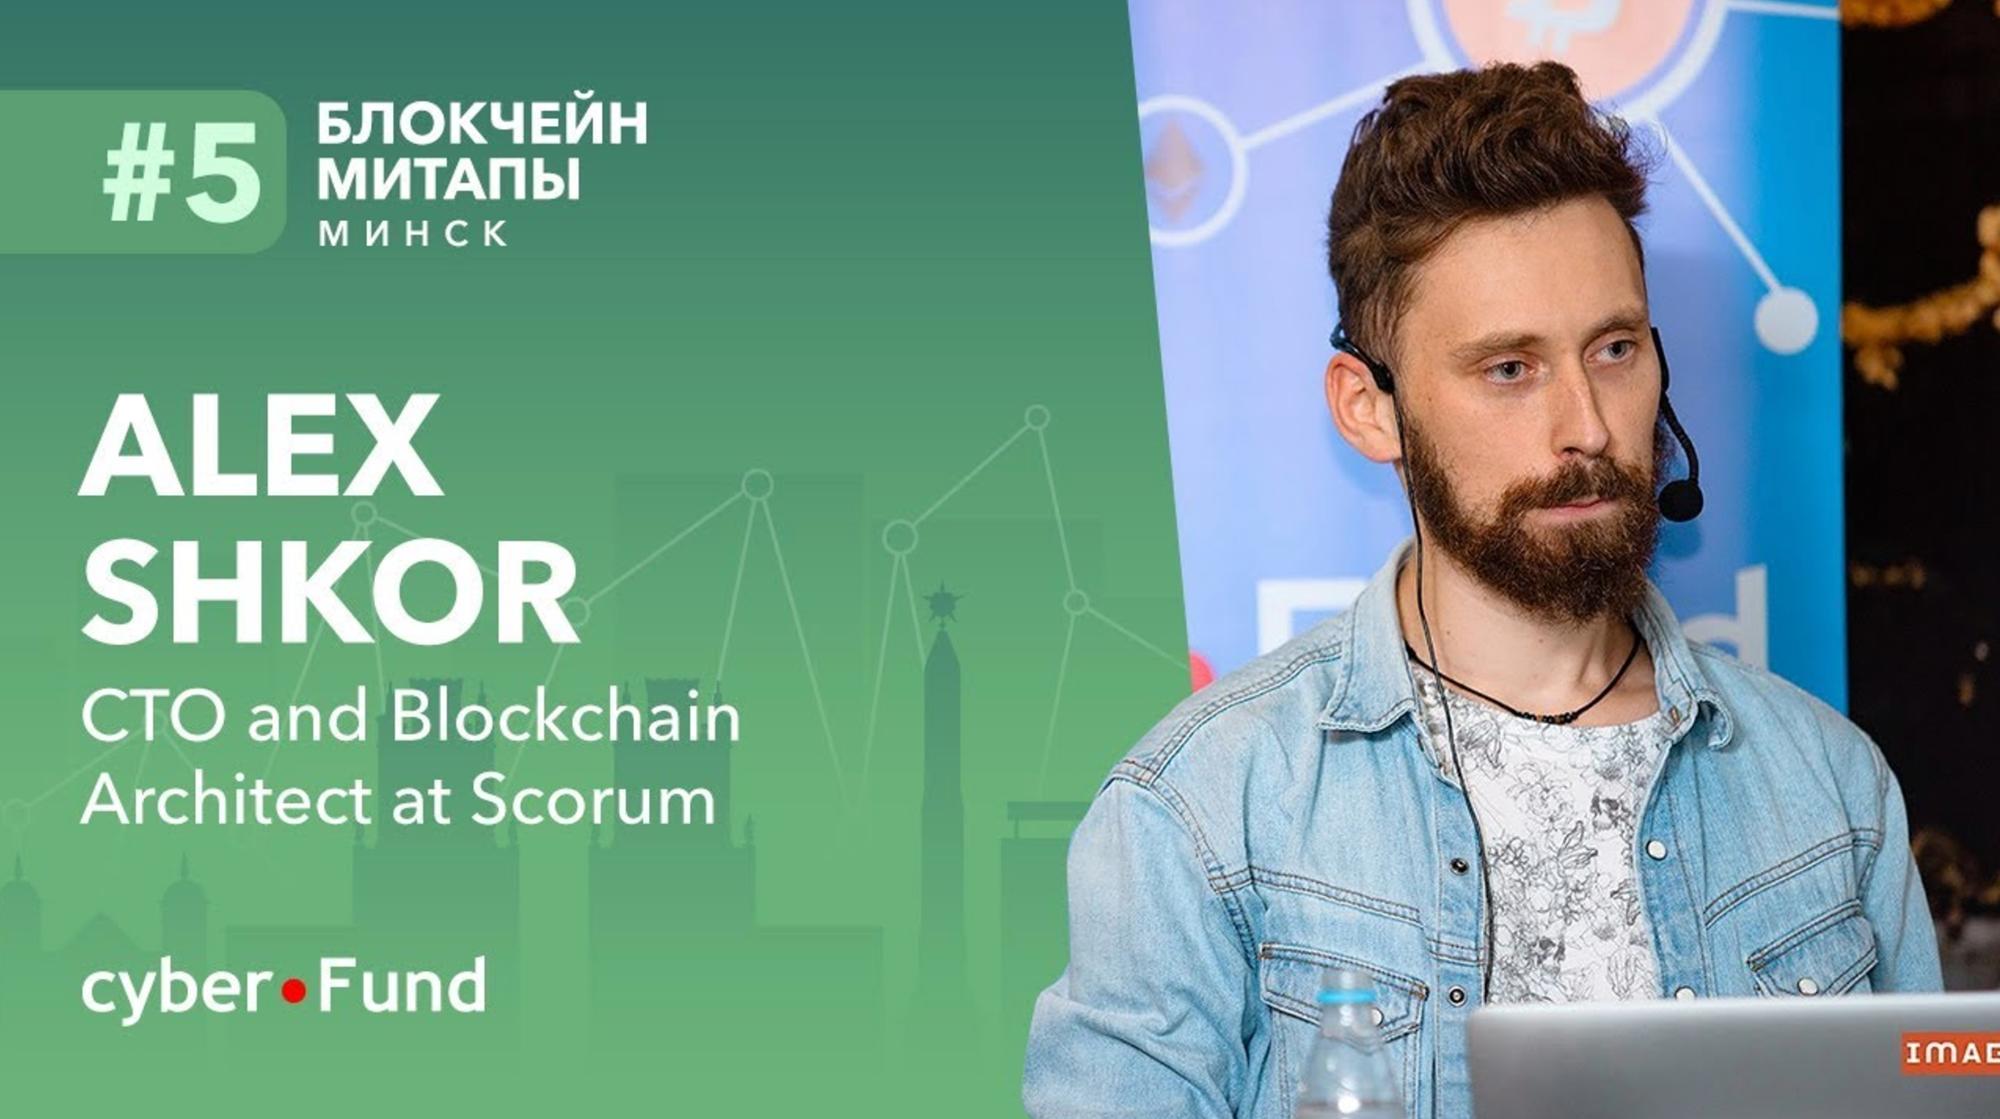 Администратора Игоря Кашаева на самом деле зовут Алексей Шкор. Это белорусский стартапер, технический директор компании «Скорум» и основатель компании DEIP. Я не нашел никаких упоминаний «Долбери» в связи с этим человеком